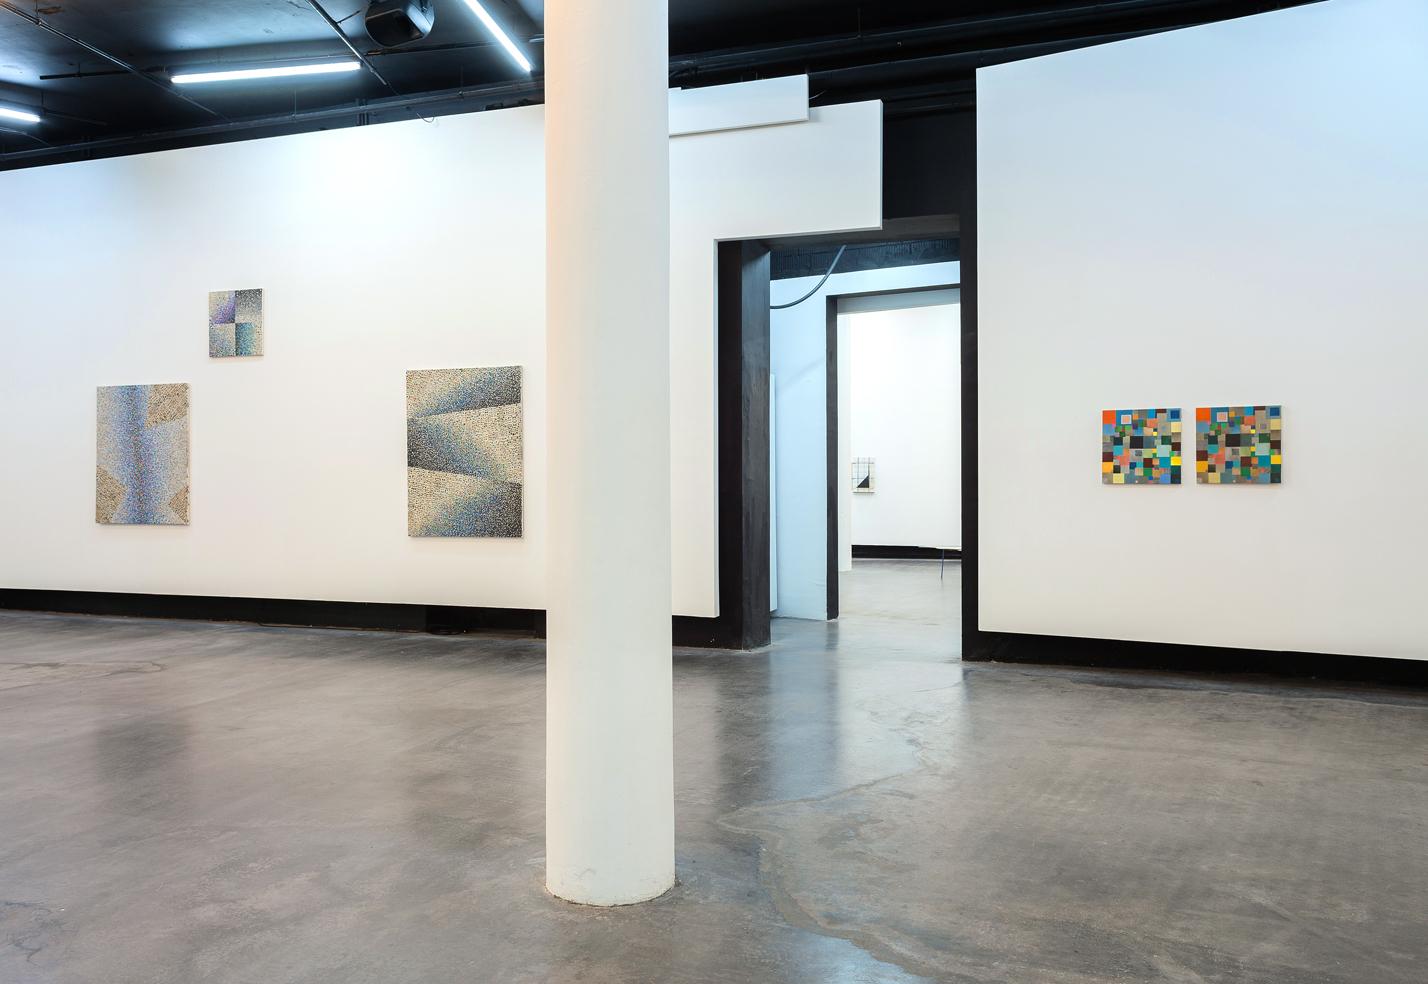 Mateusz Szczypiński, Somewhere Between - Our Matters, 2014. Widok wystawy. Dzięki uprzejmości Galerie Parrotta Contemporary Art